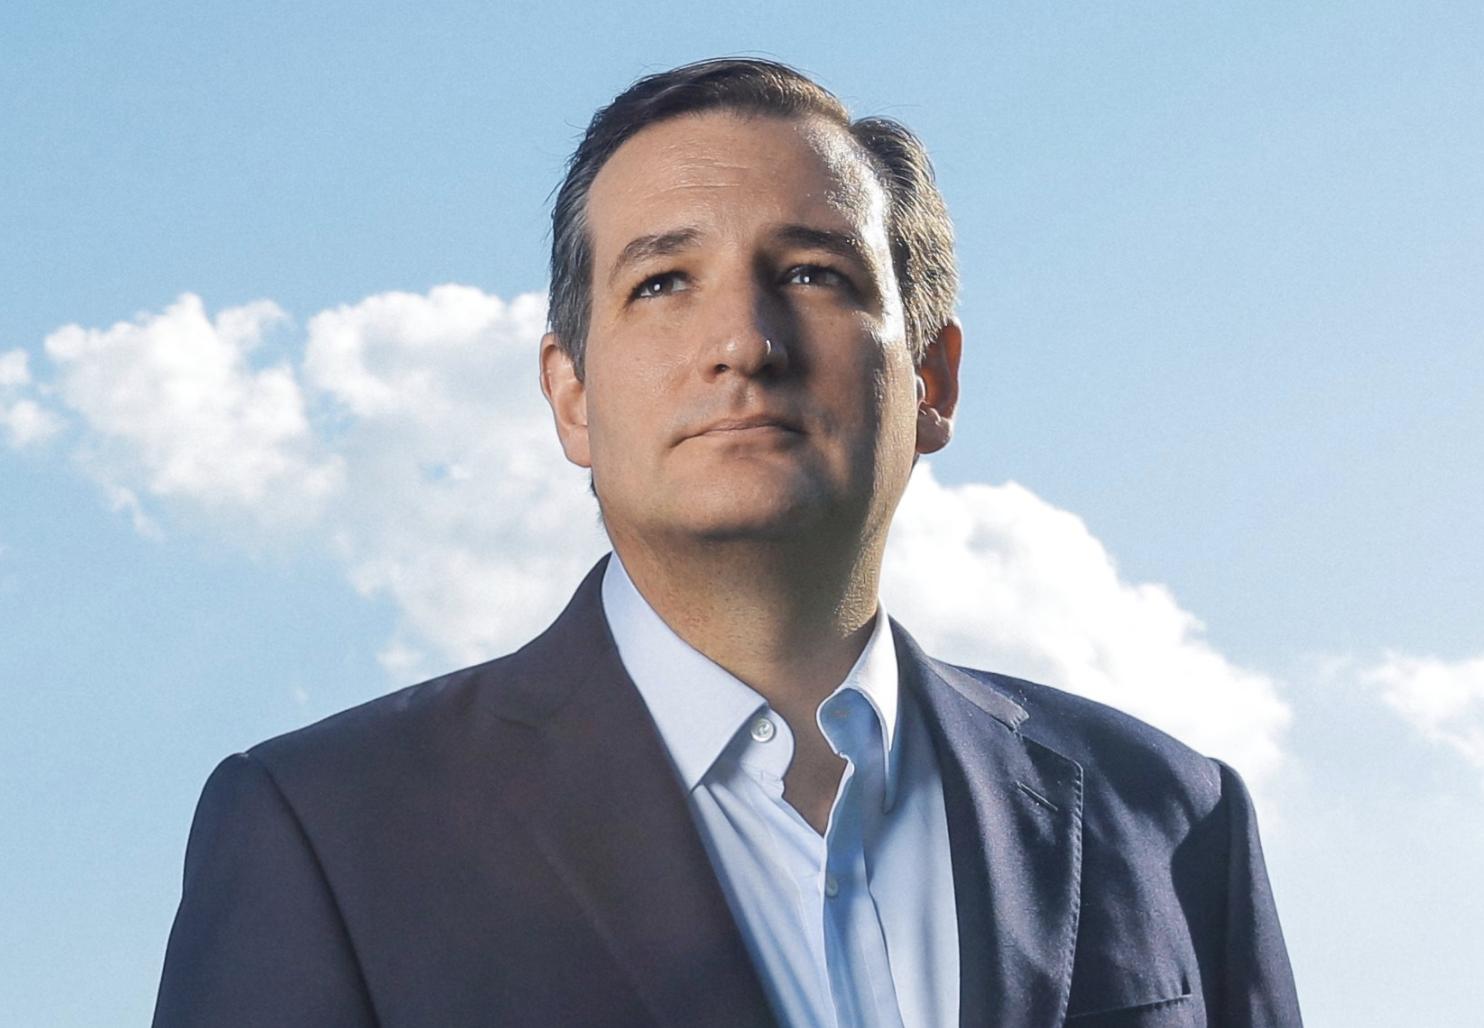 Trump's picking of Ted Cruz to replace Ginsberg opens door for Allen West